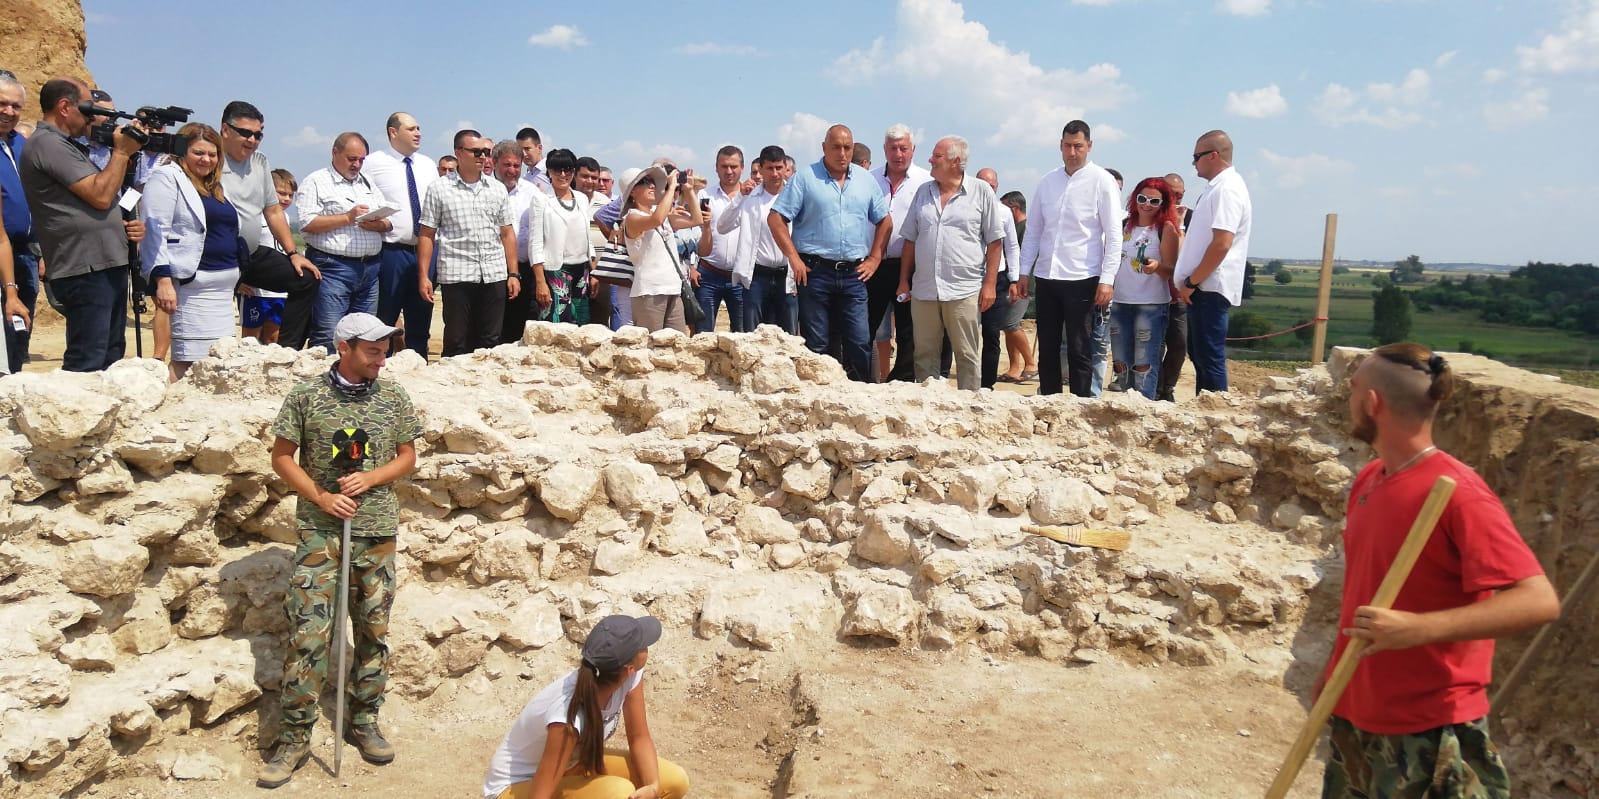 До септември 2019 г. се очаква да бъде разкрита цялата гробница Малтепе в землището на село Маноле край Пловдив, която бе открита през юли, но отсега е ясно, че тя е заявка за световно археологическо събитие.